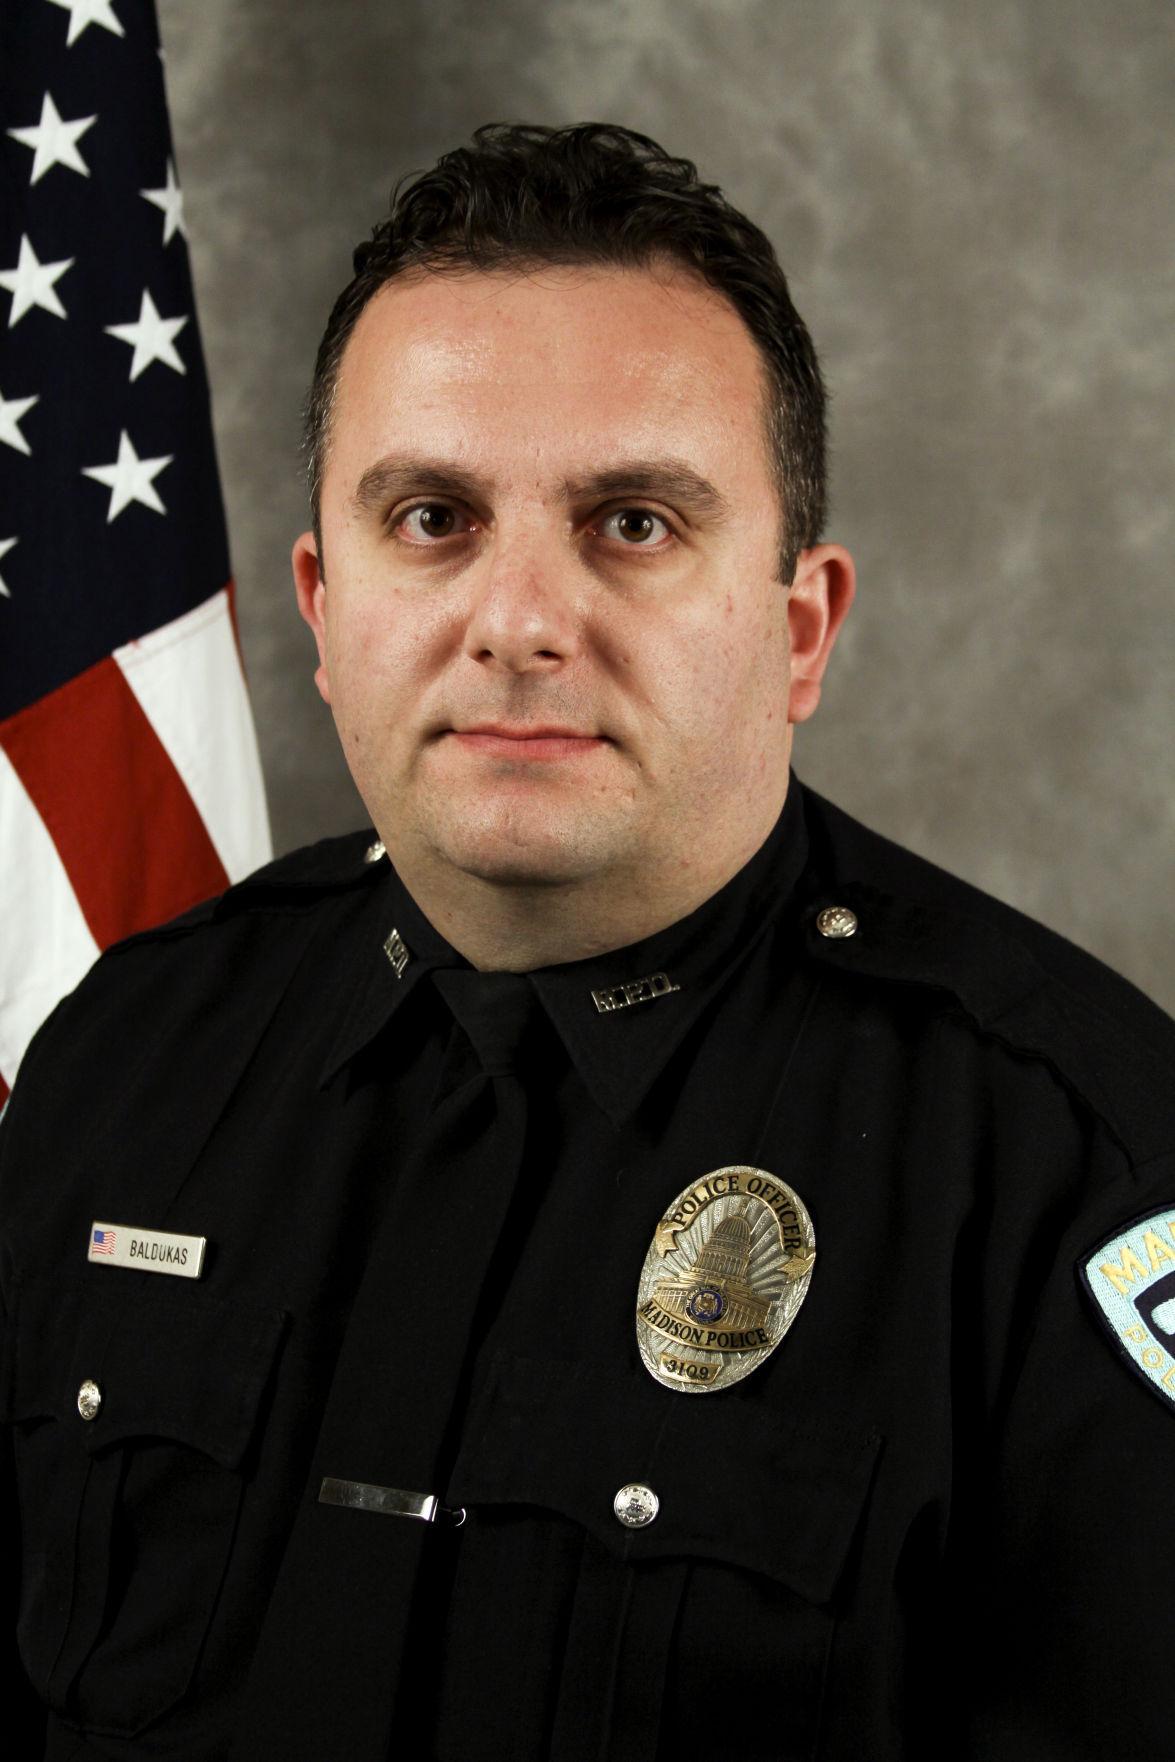 Officer Dean Baldukas